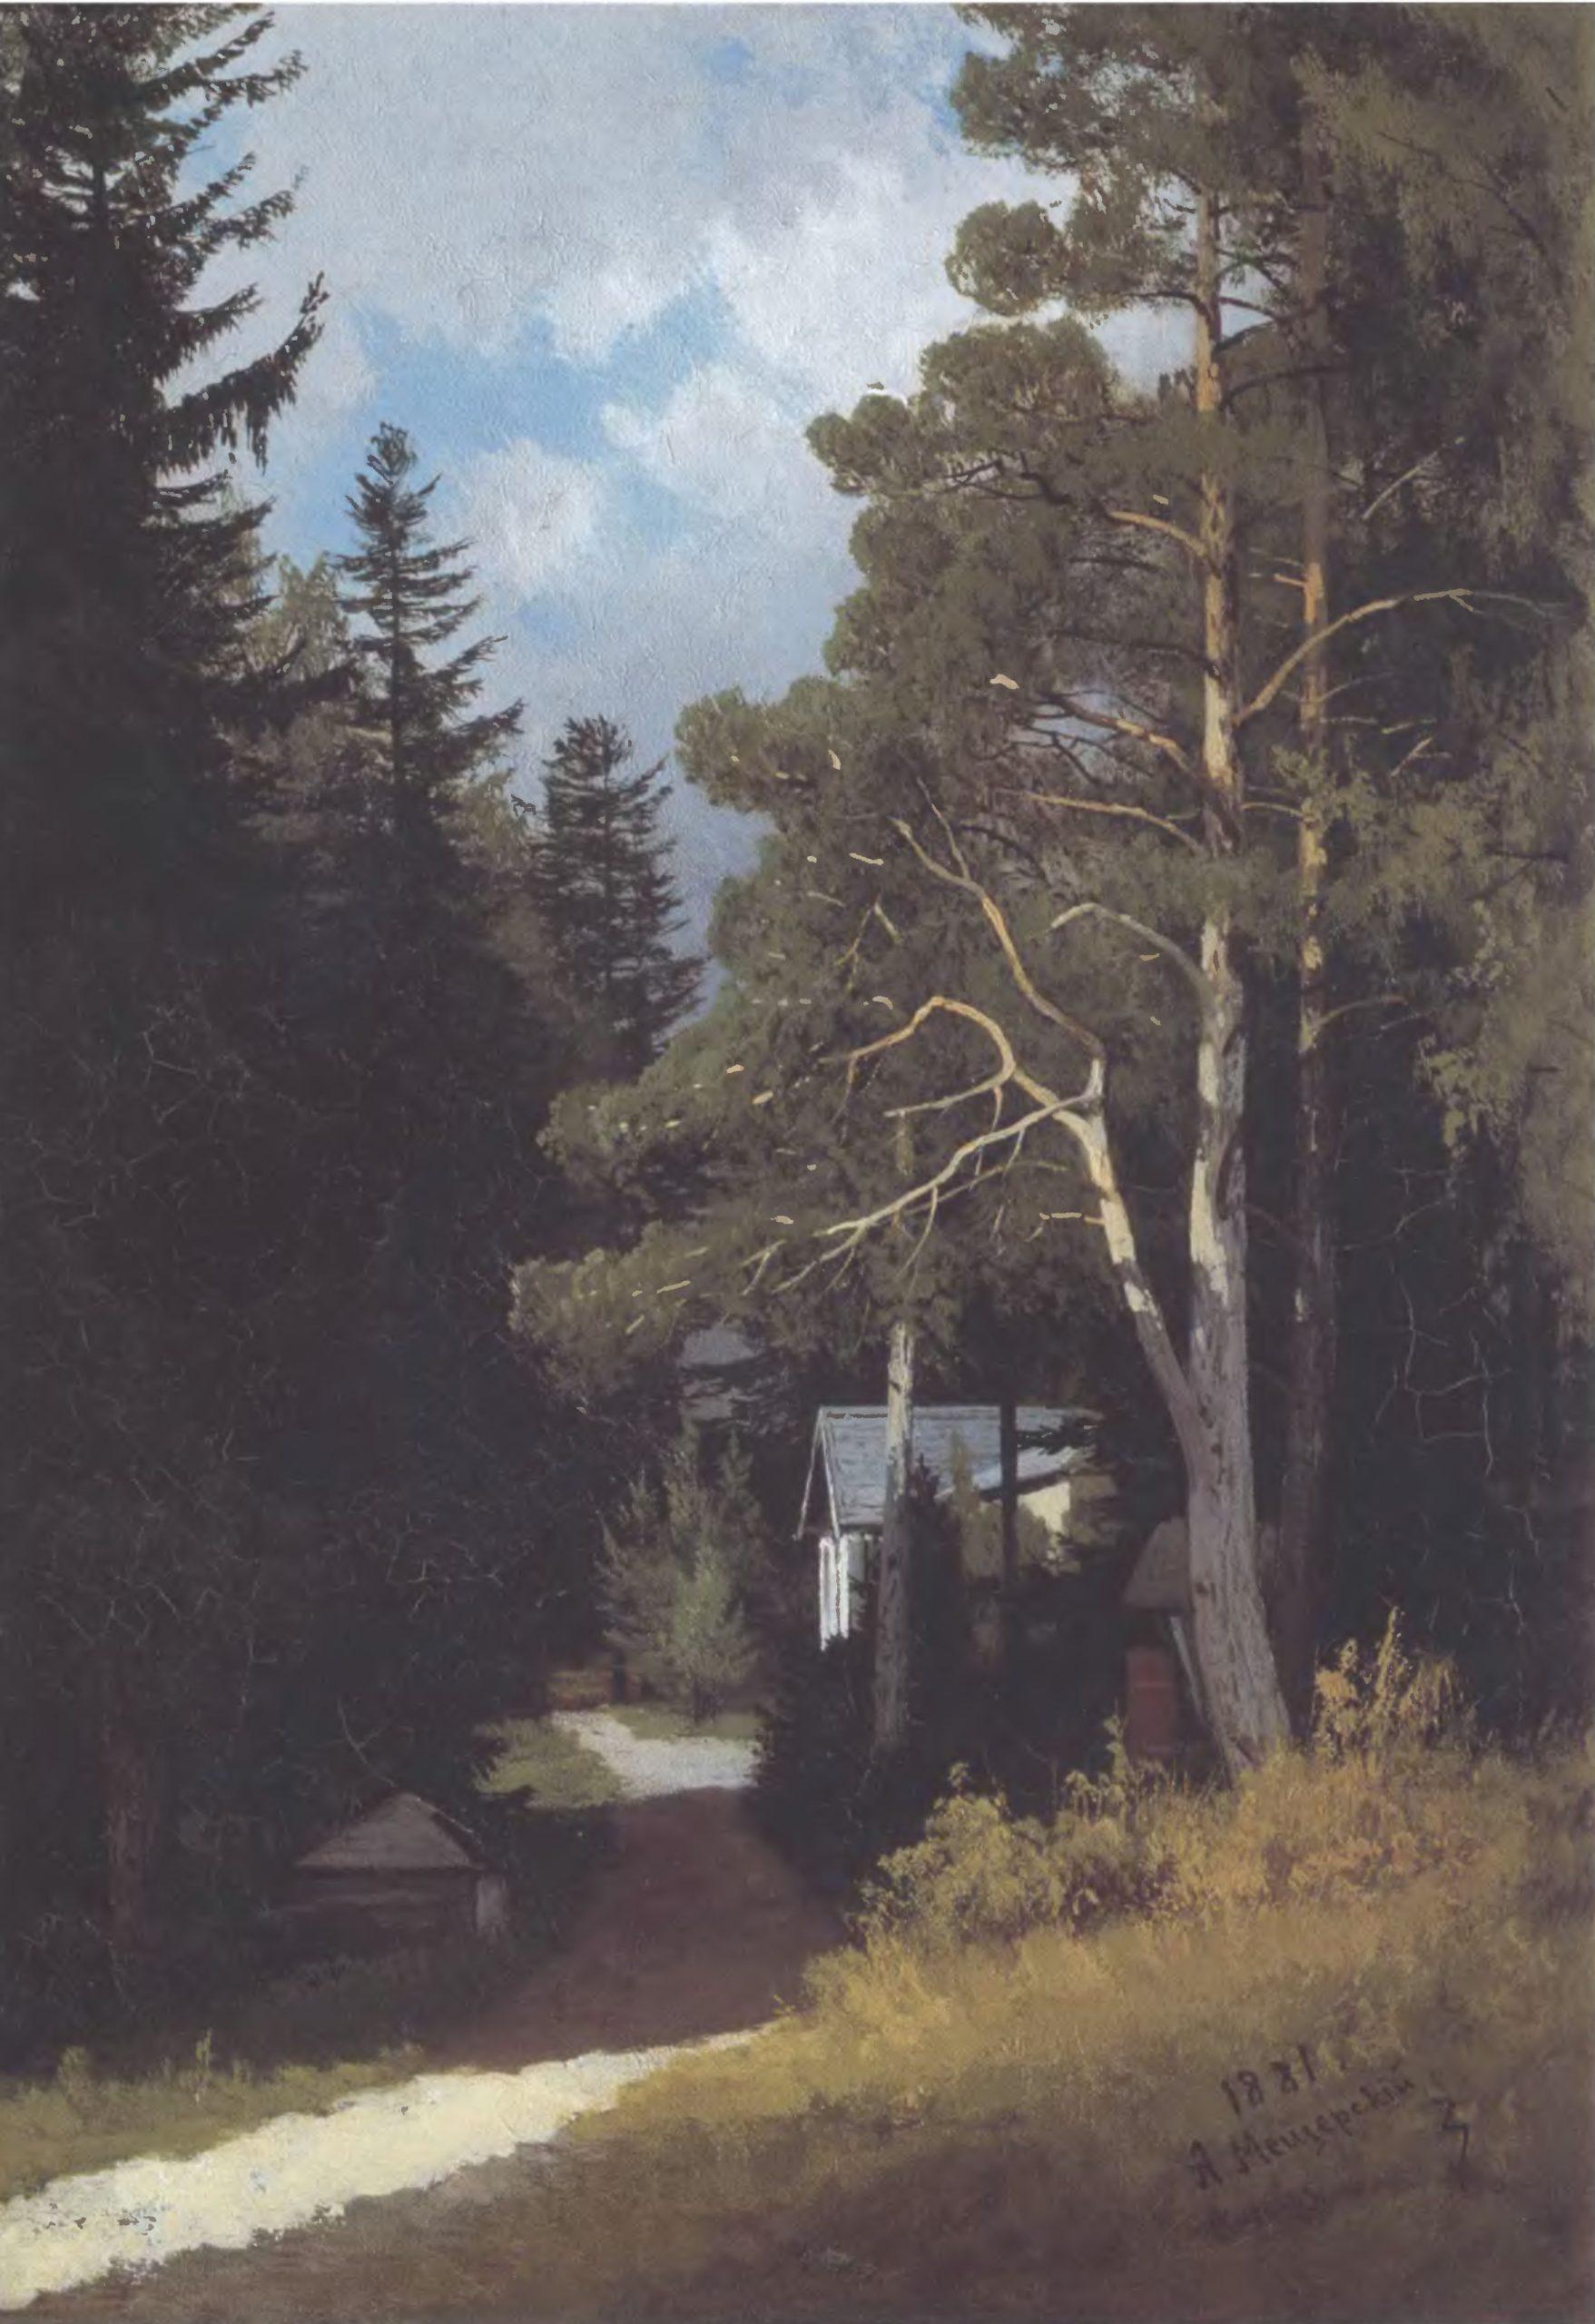 АРСЕНИЙ МЕЩЕРСКИЙ. Лесной пейзаж. 1881. Холст, масло. 61 х 41,5 см. Частное собрание